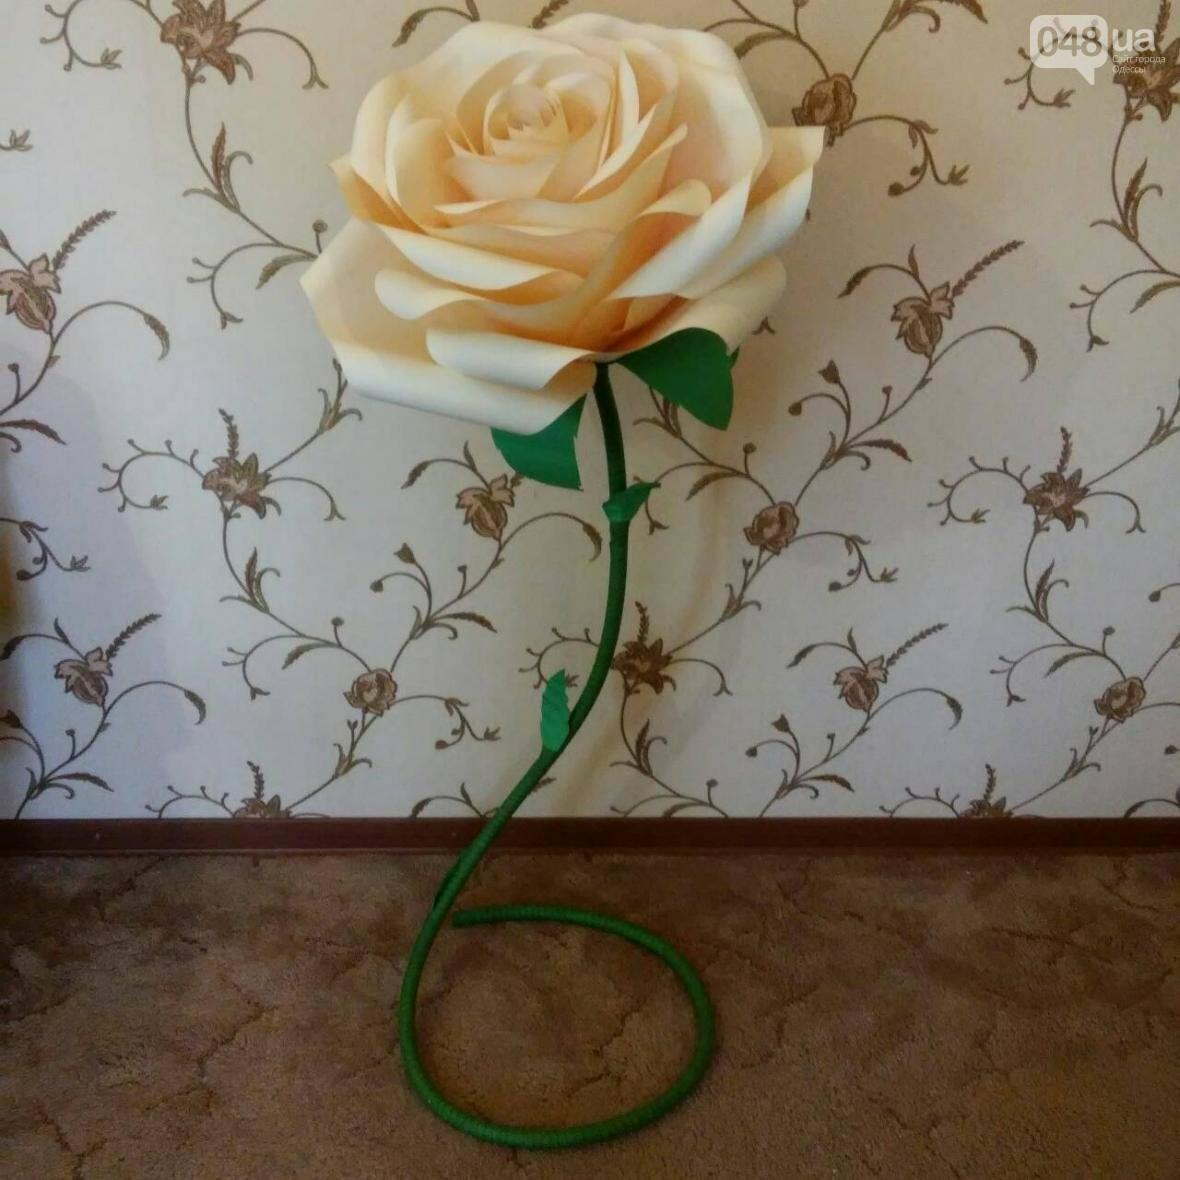 Необычный флорист из Одессы создает гигантские бутоны (ФОТО), фото-4